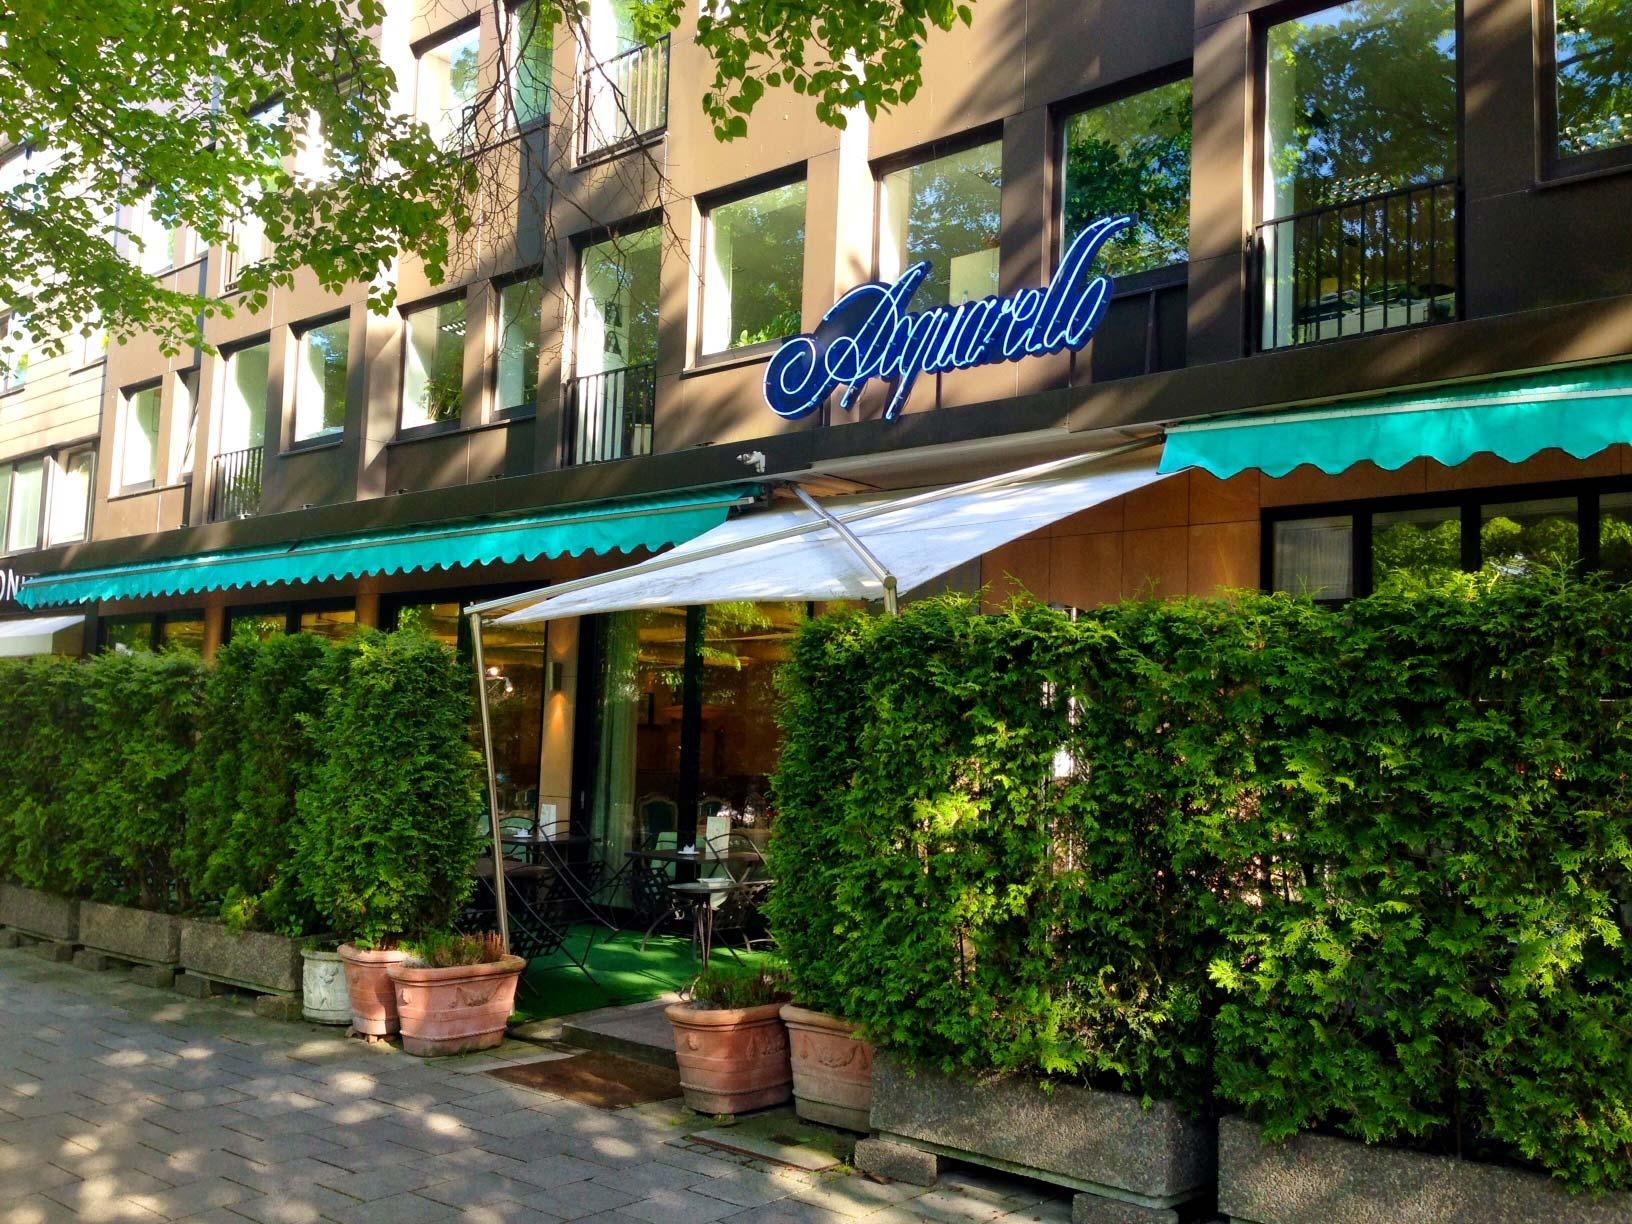 Restaurant-Acquarello